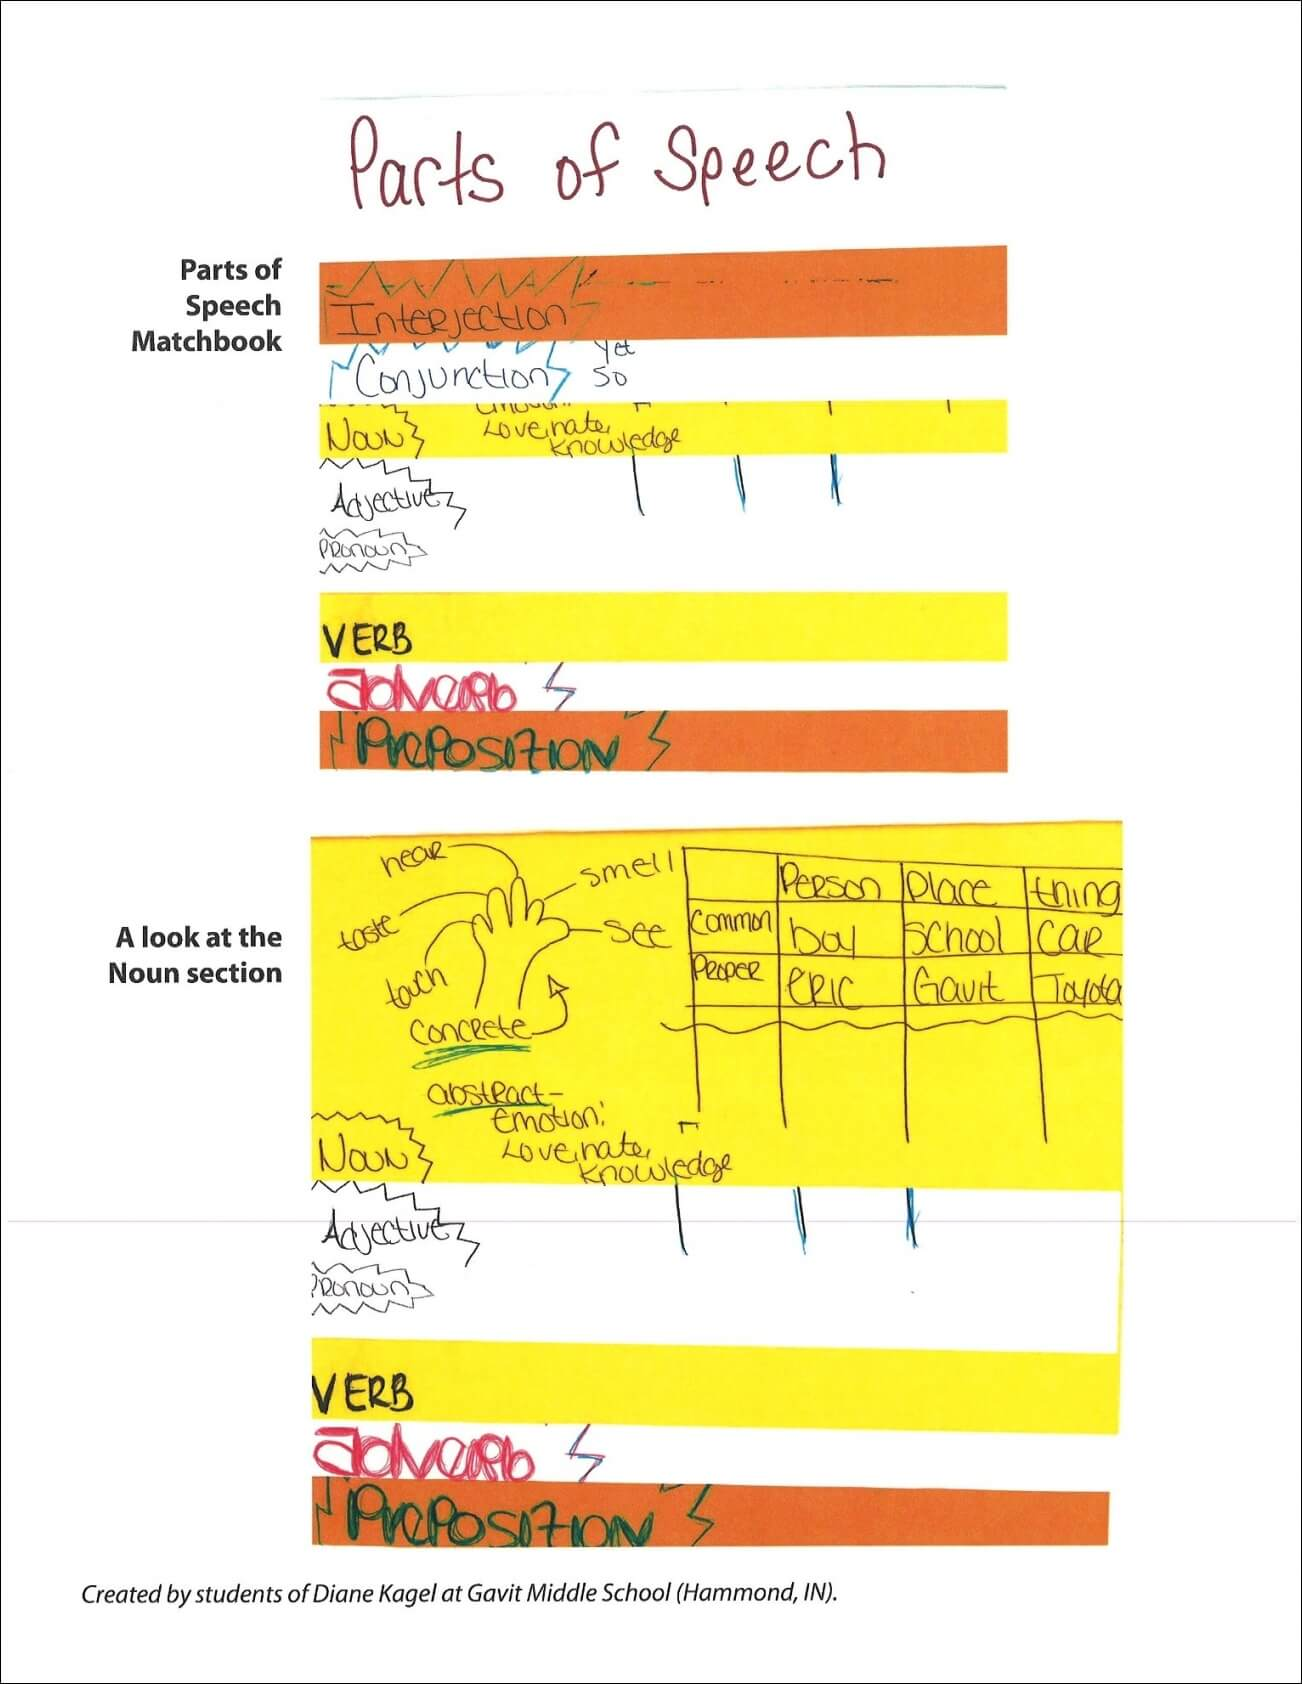 Parts of Speech Matchbook Sample